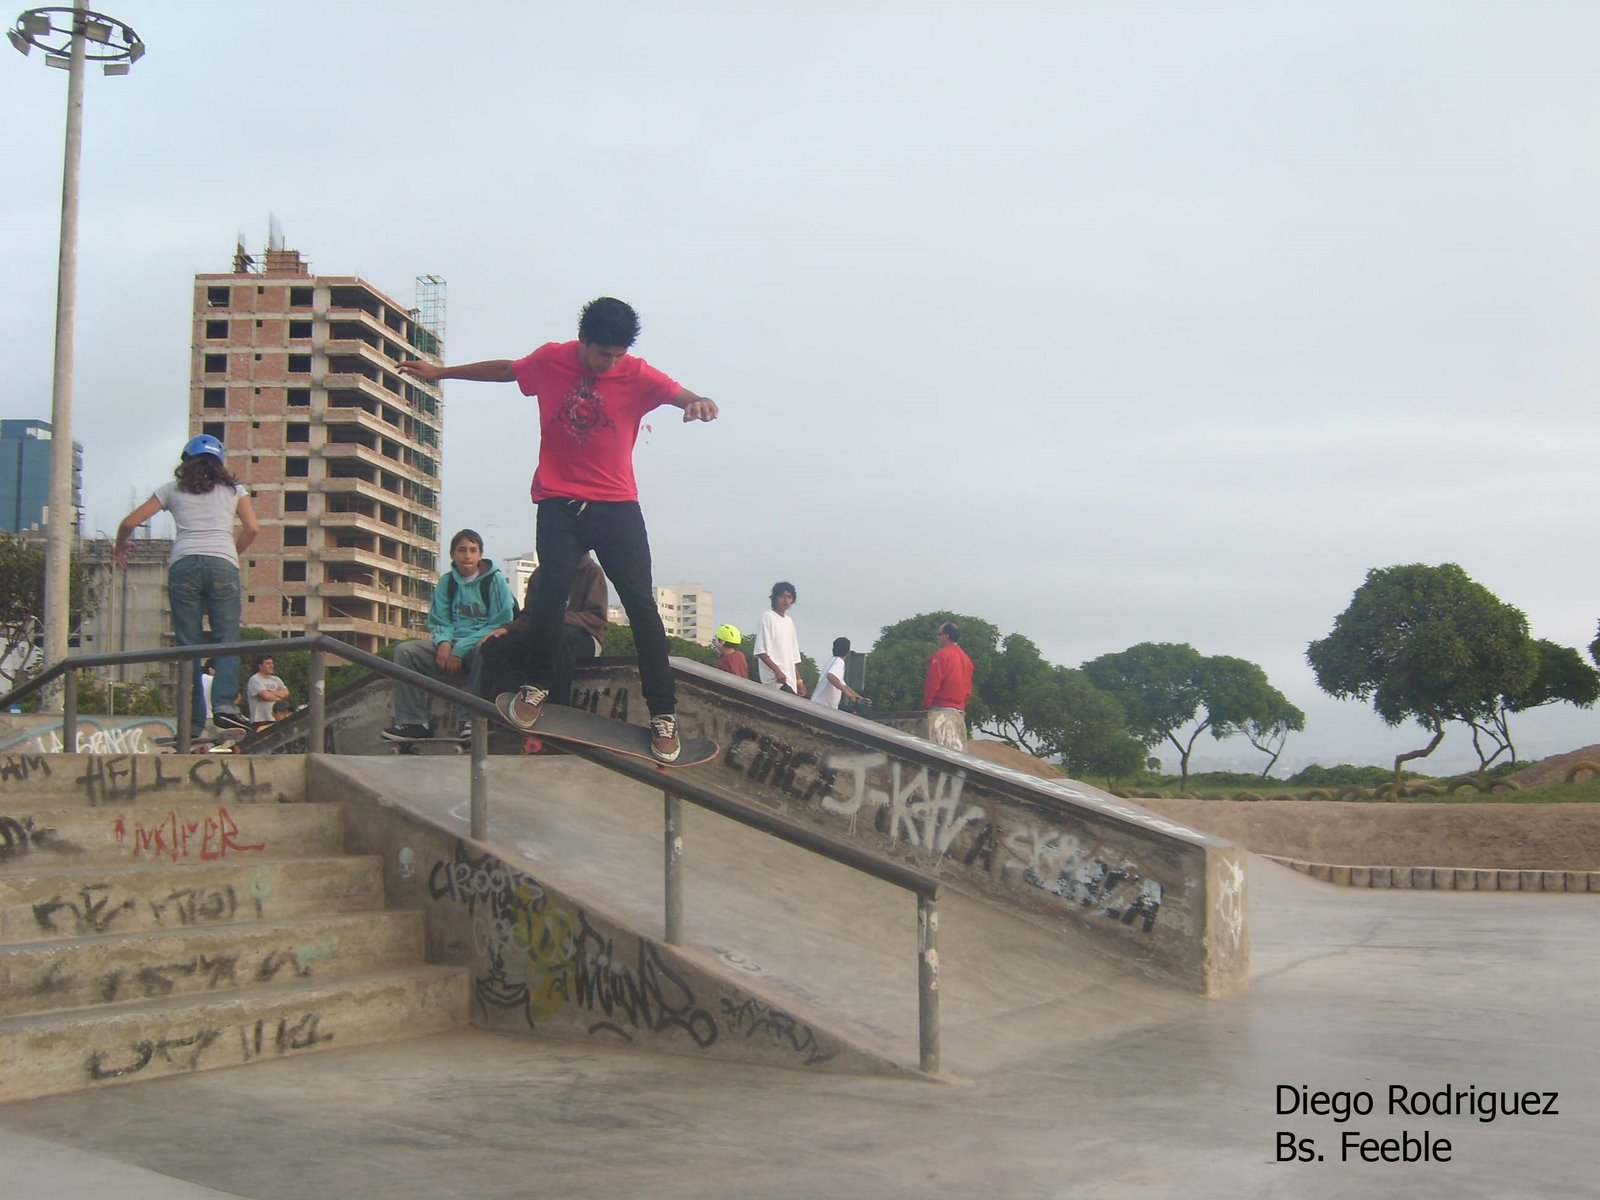 Imagenes de Skate.